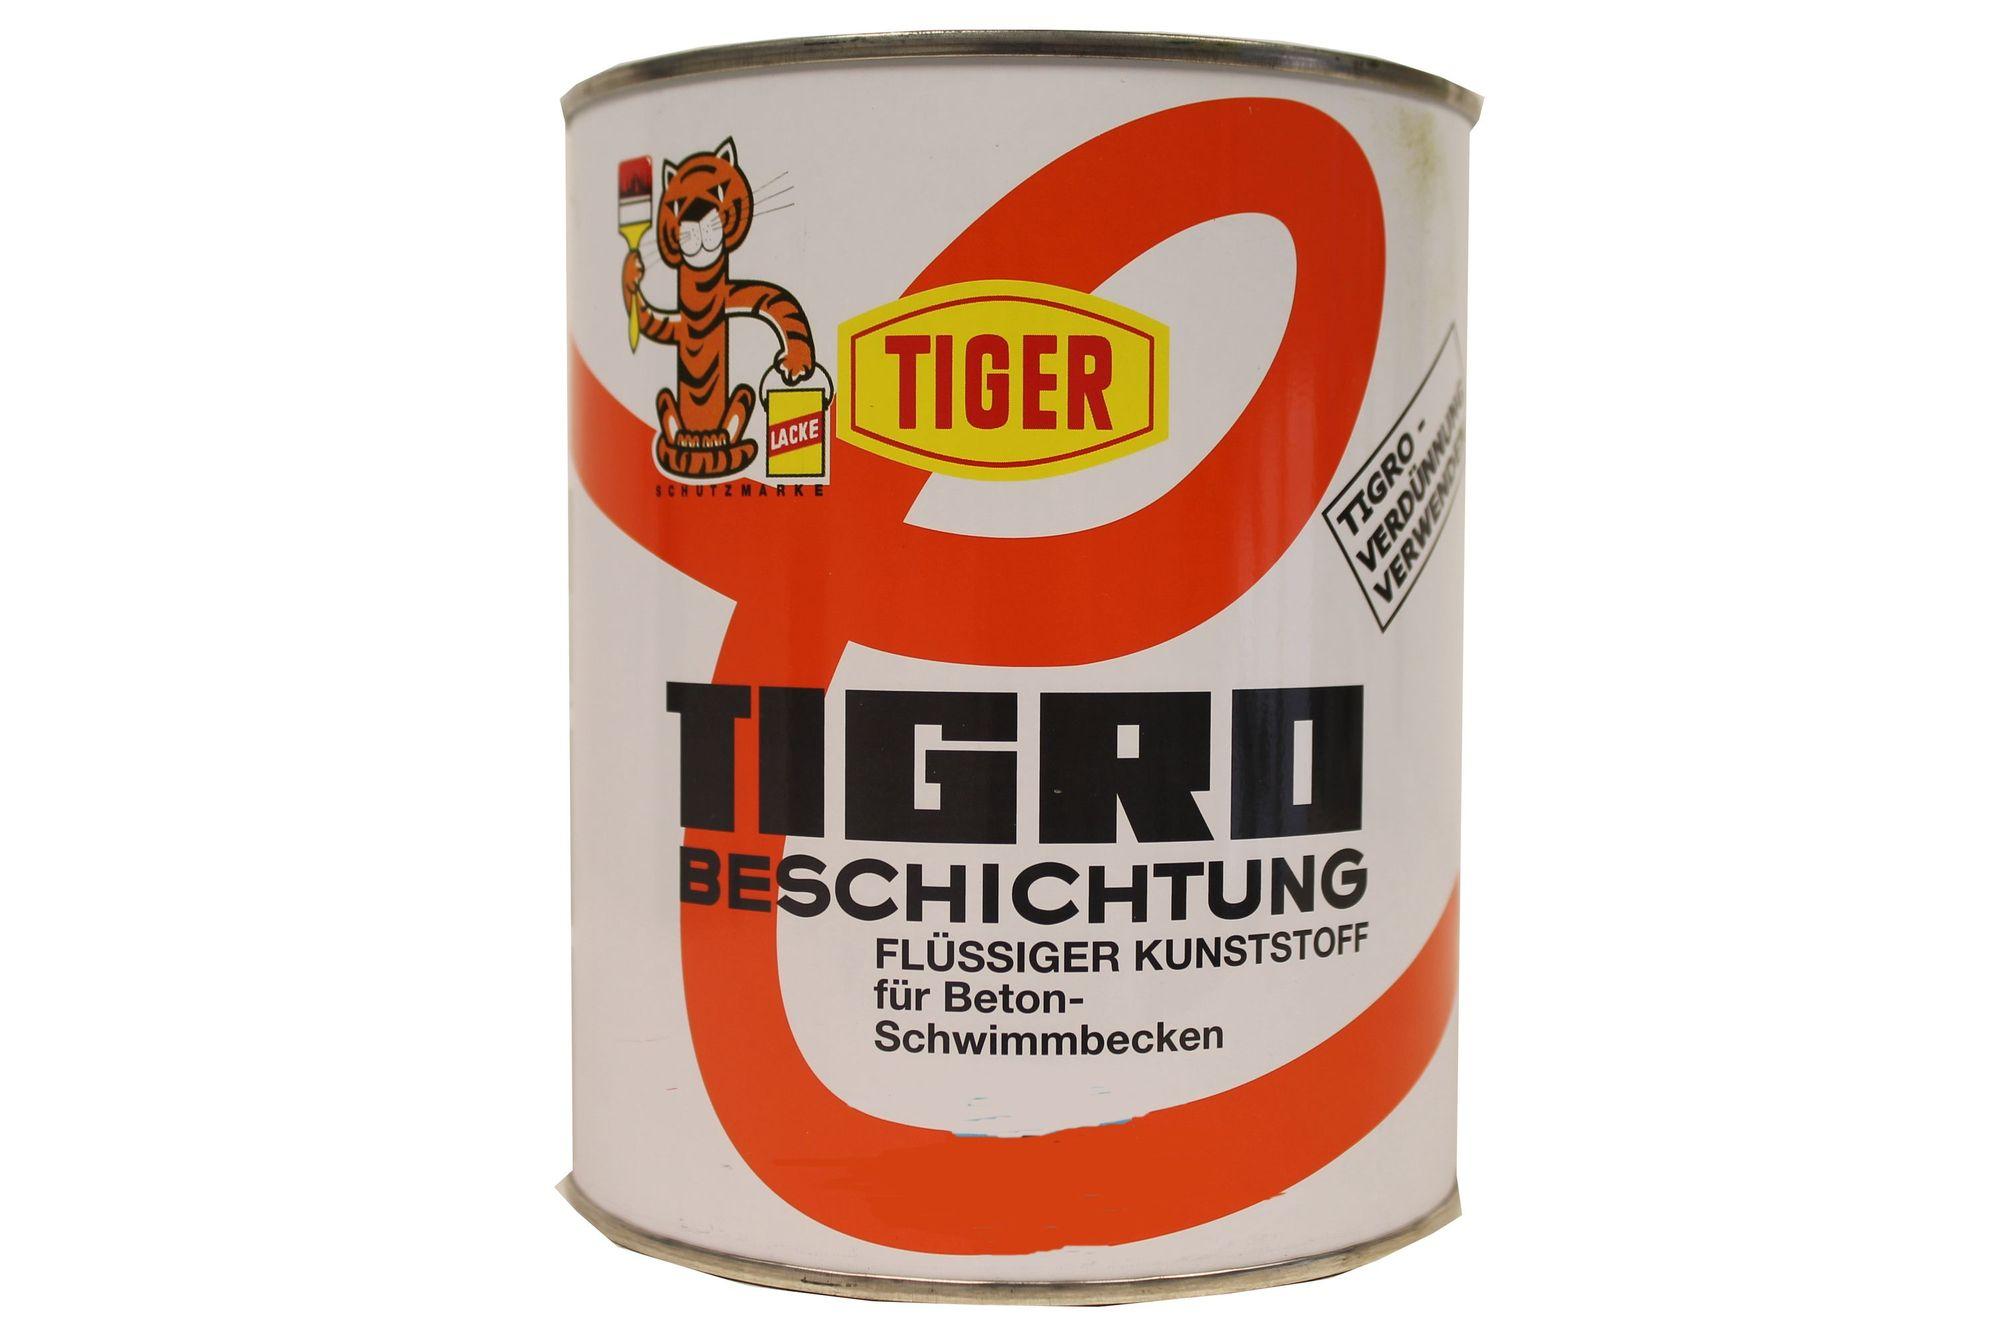 Tiger Tigro Beschichtung flüssiger Kunststoff für Beton- Schwimmbecken Seidenmatt  1 Liter Farbwahl